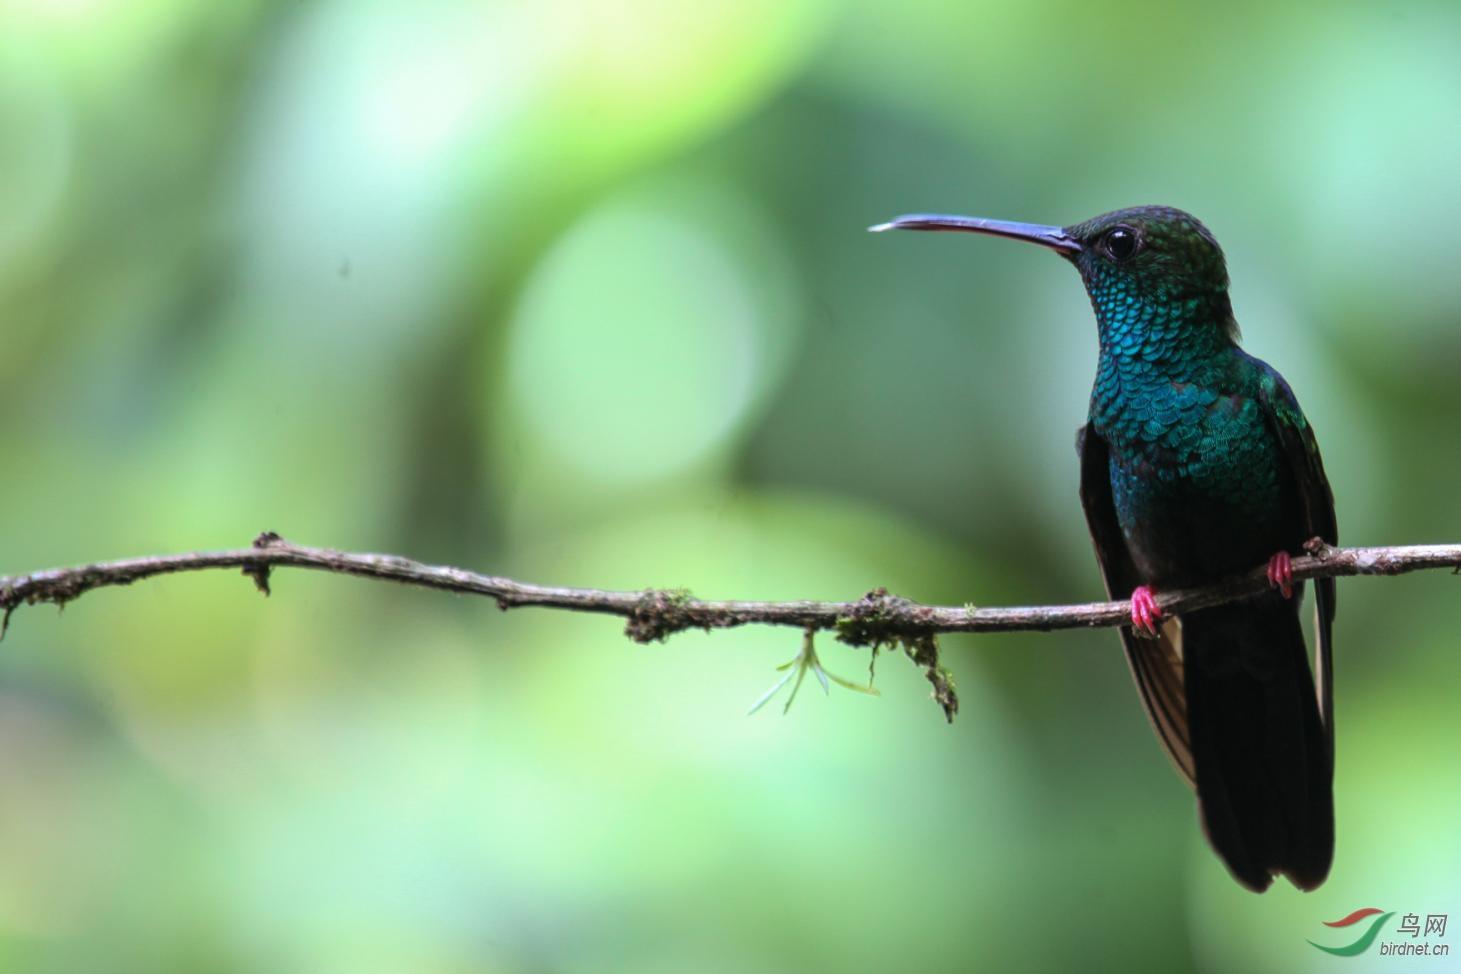 16天哥斯达黎加拍鸟团_页面_42_图像_0002.jpg